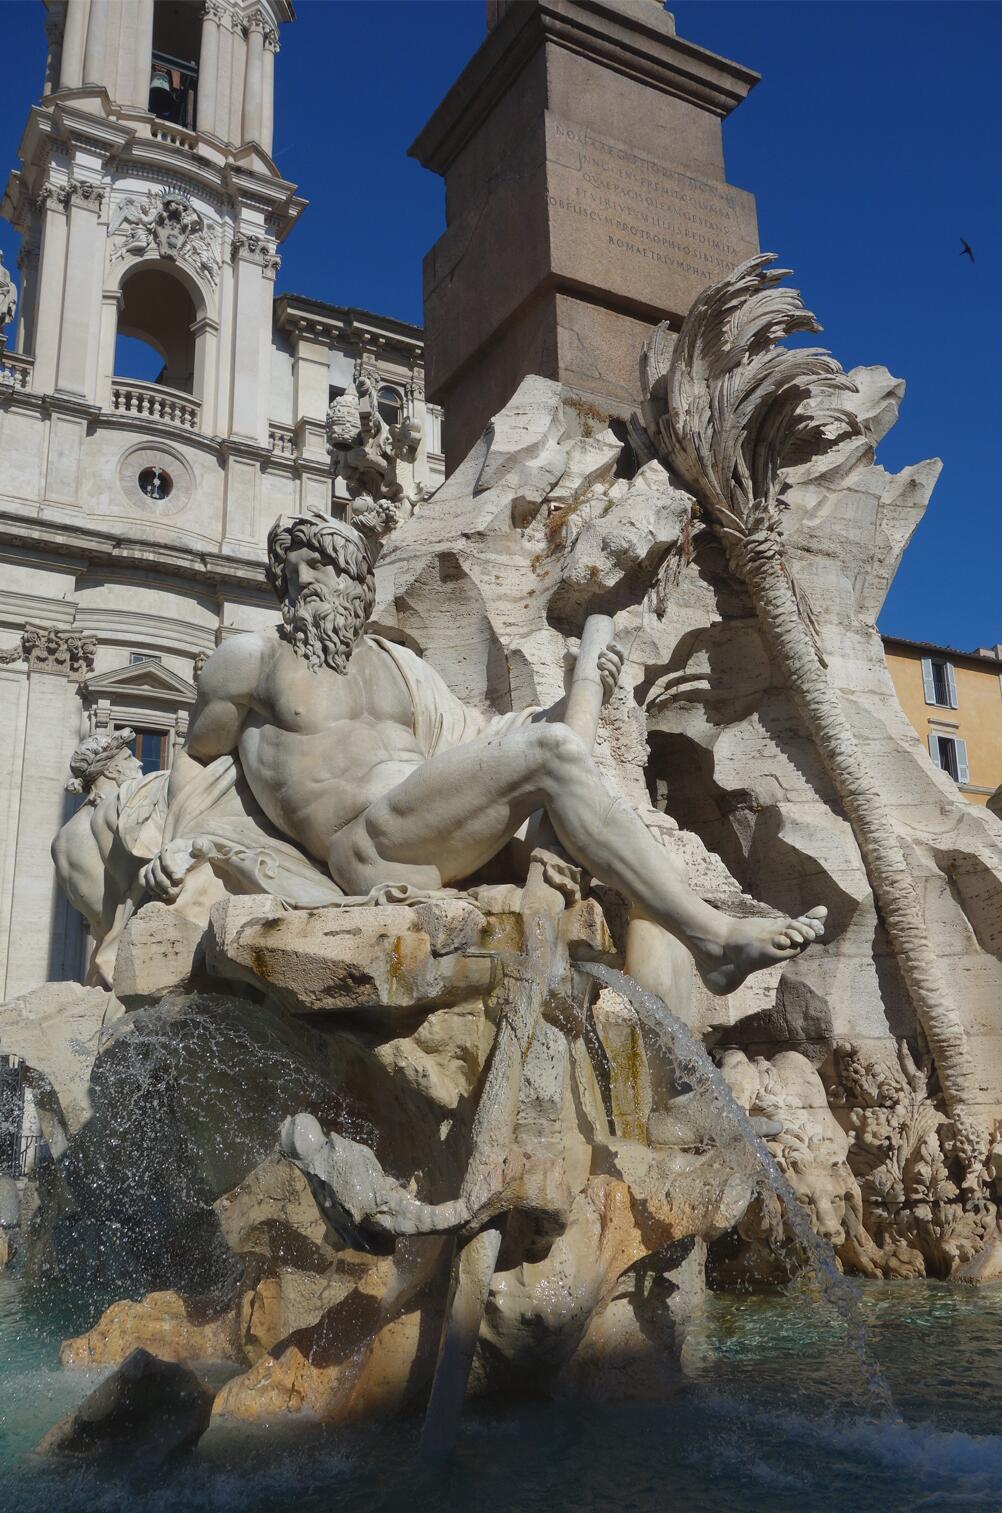 名作过眼:贝尔尼尼的喷泉雕塑11.jpg